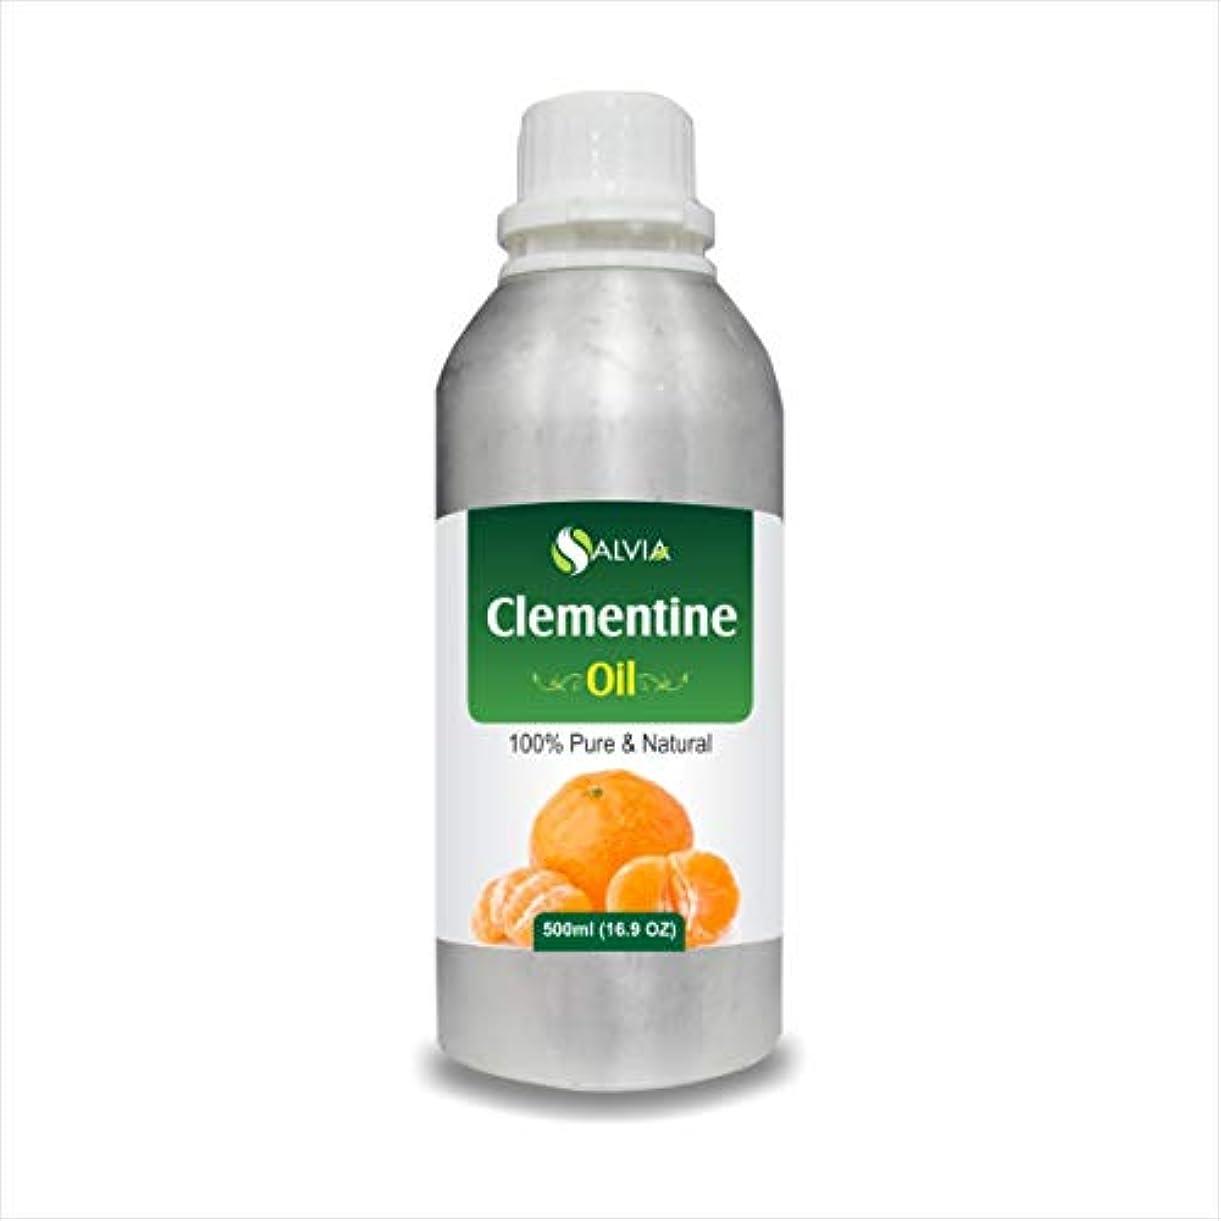 吸収するエンジニアリング認証Clementine Oil (Citrus Clementine) 100% Natural Pure Undiluted Uncut Essential Oil 500ml